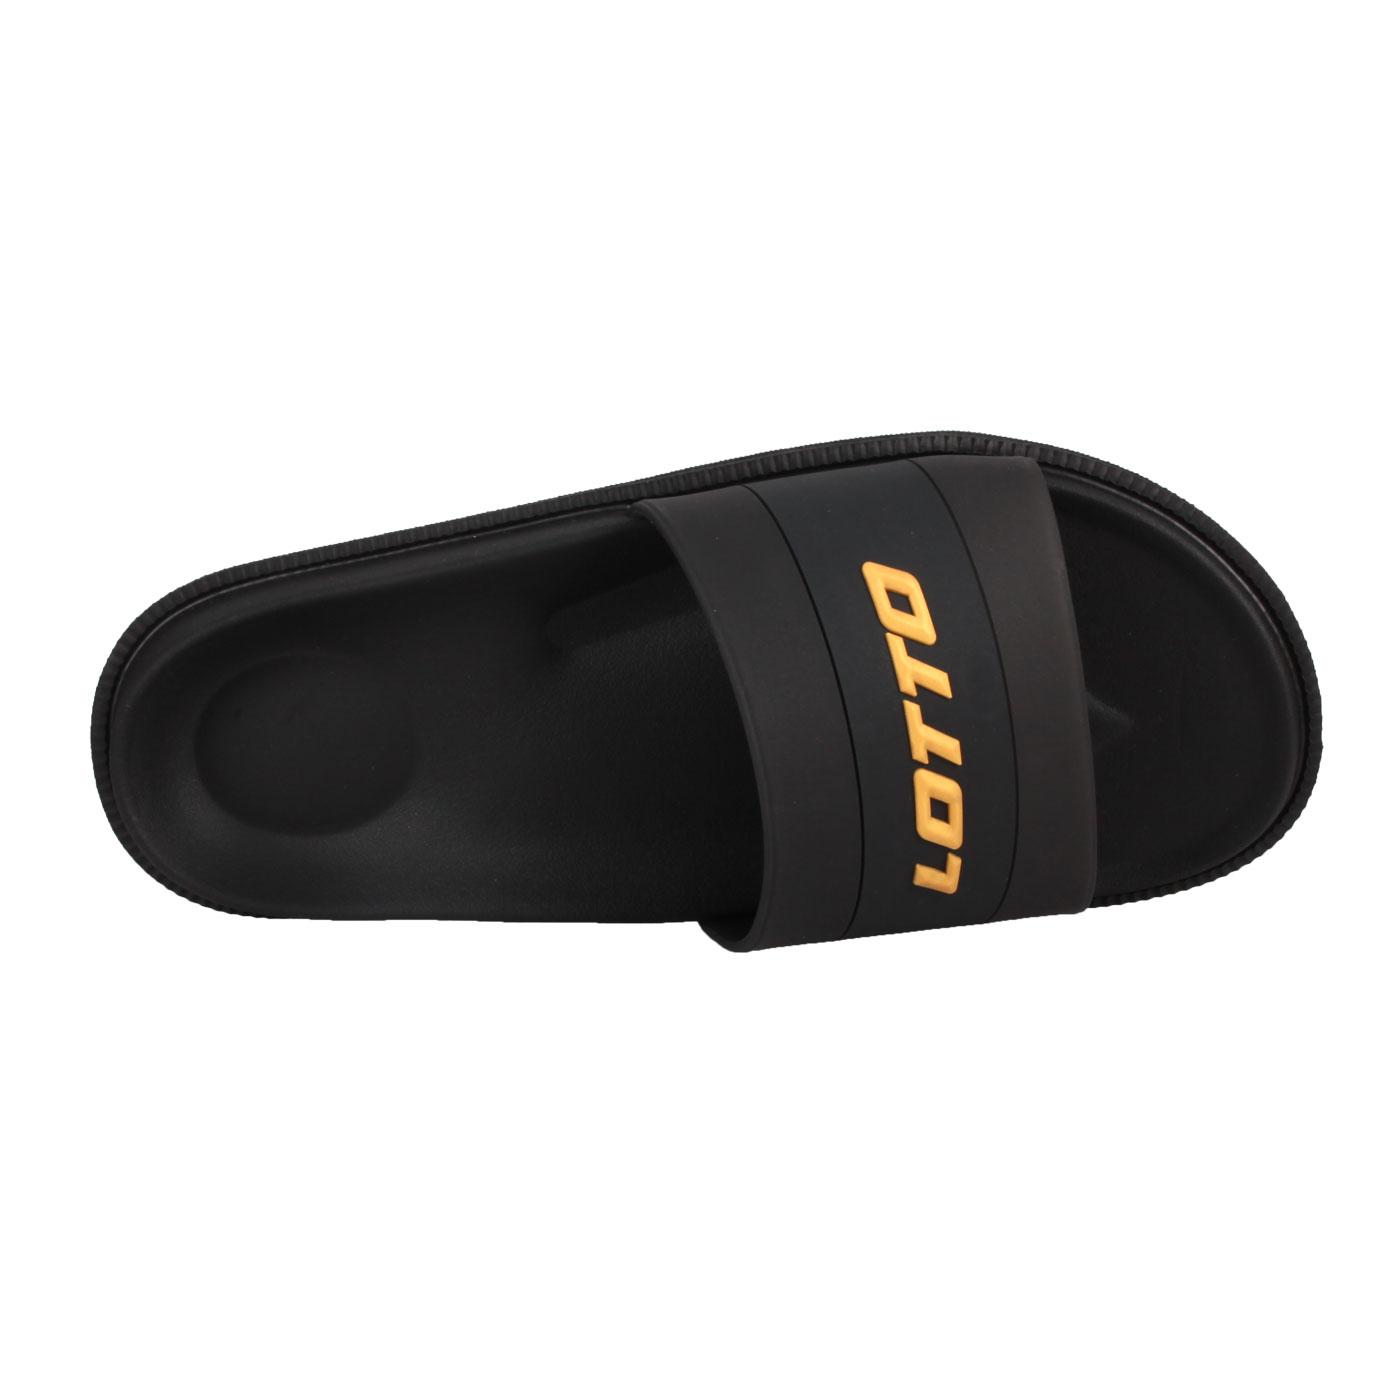 LOTTO 女款潮流運動拖鞋 LT0AWS2500